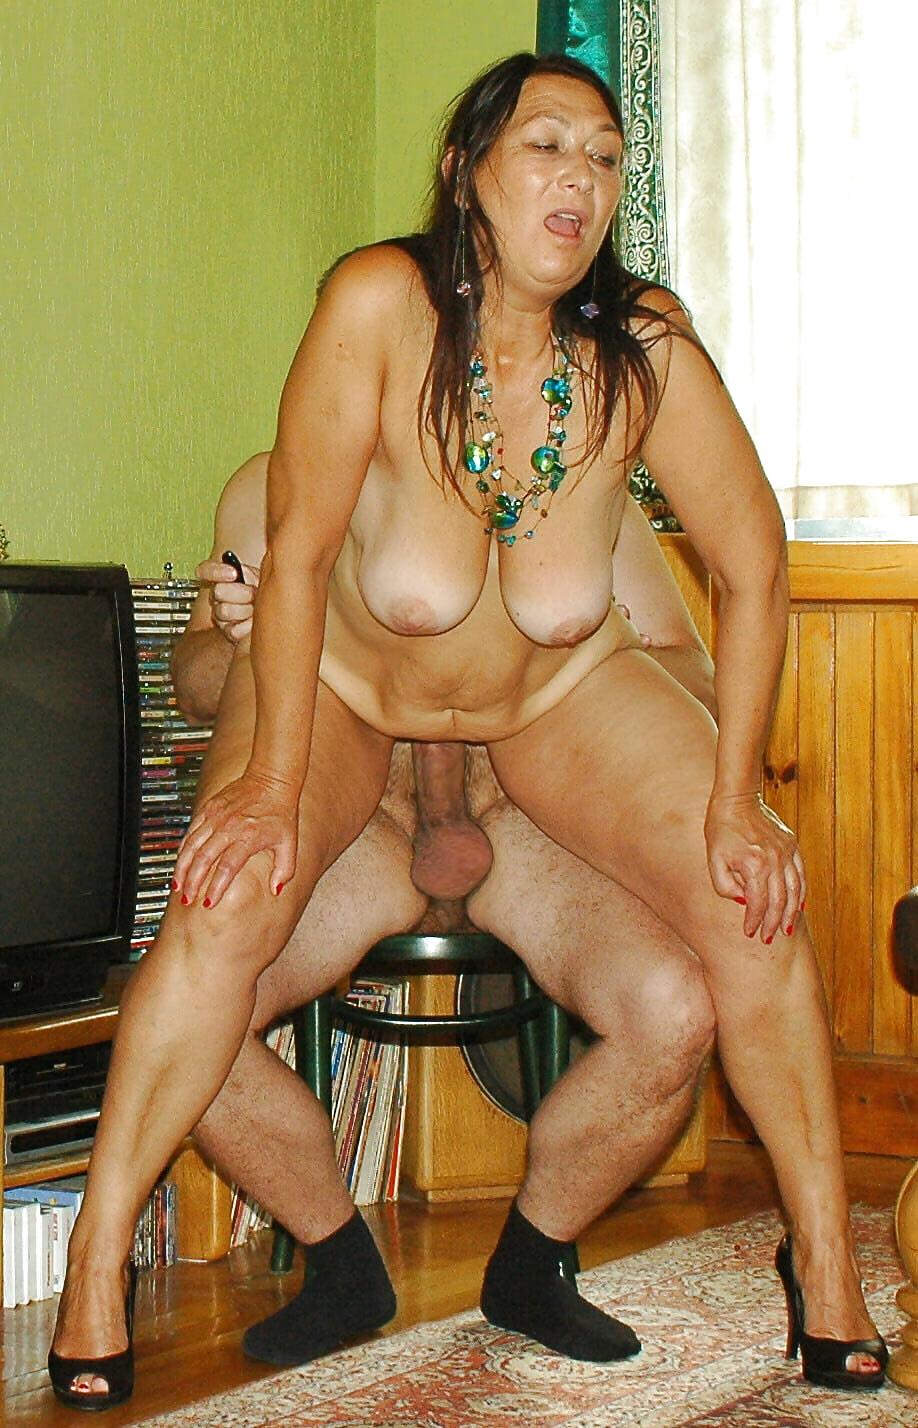 Порно фото ебля телок с обвисшими животами